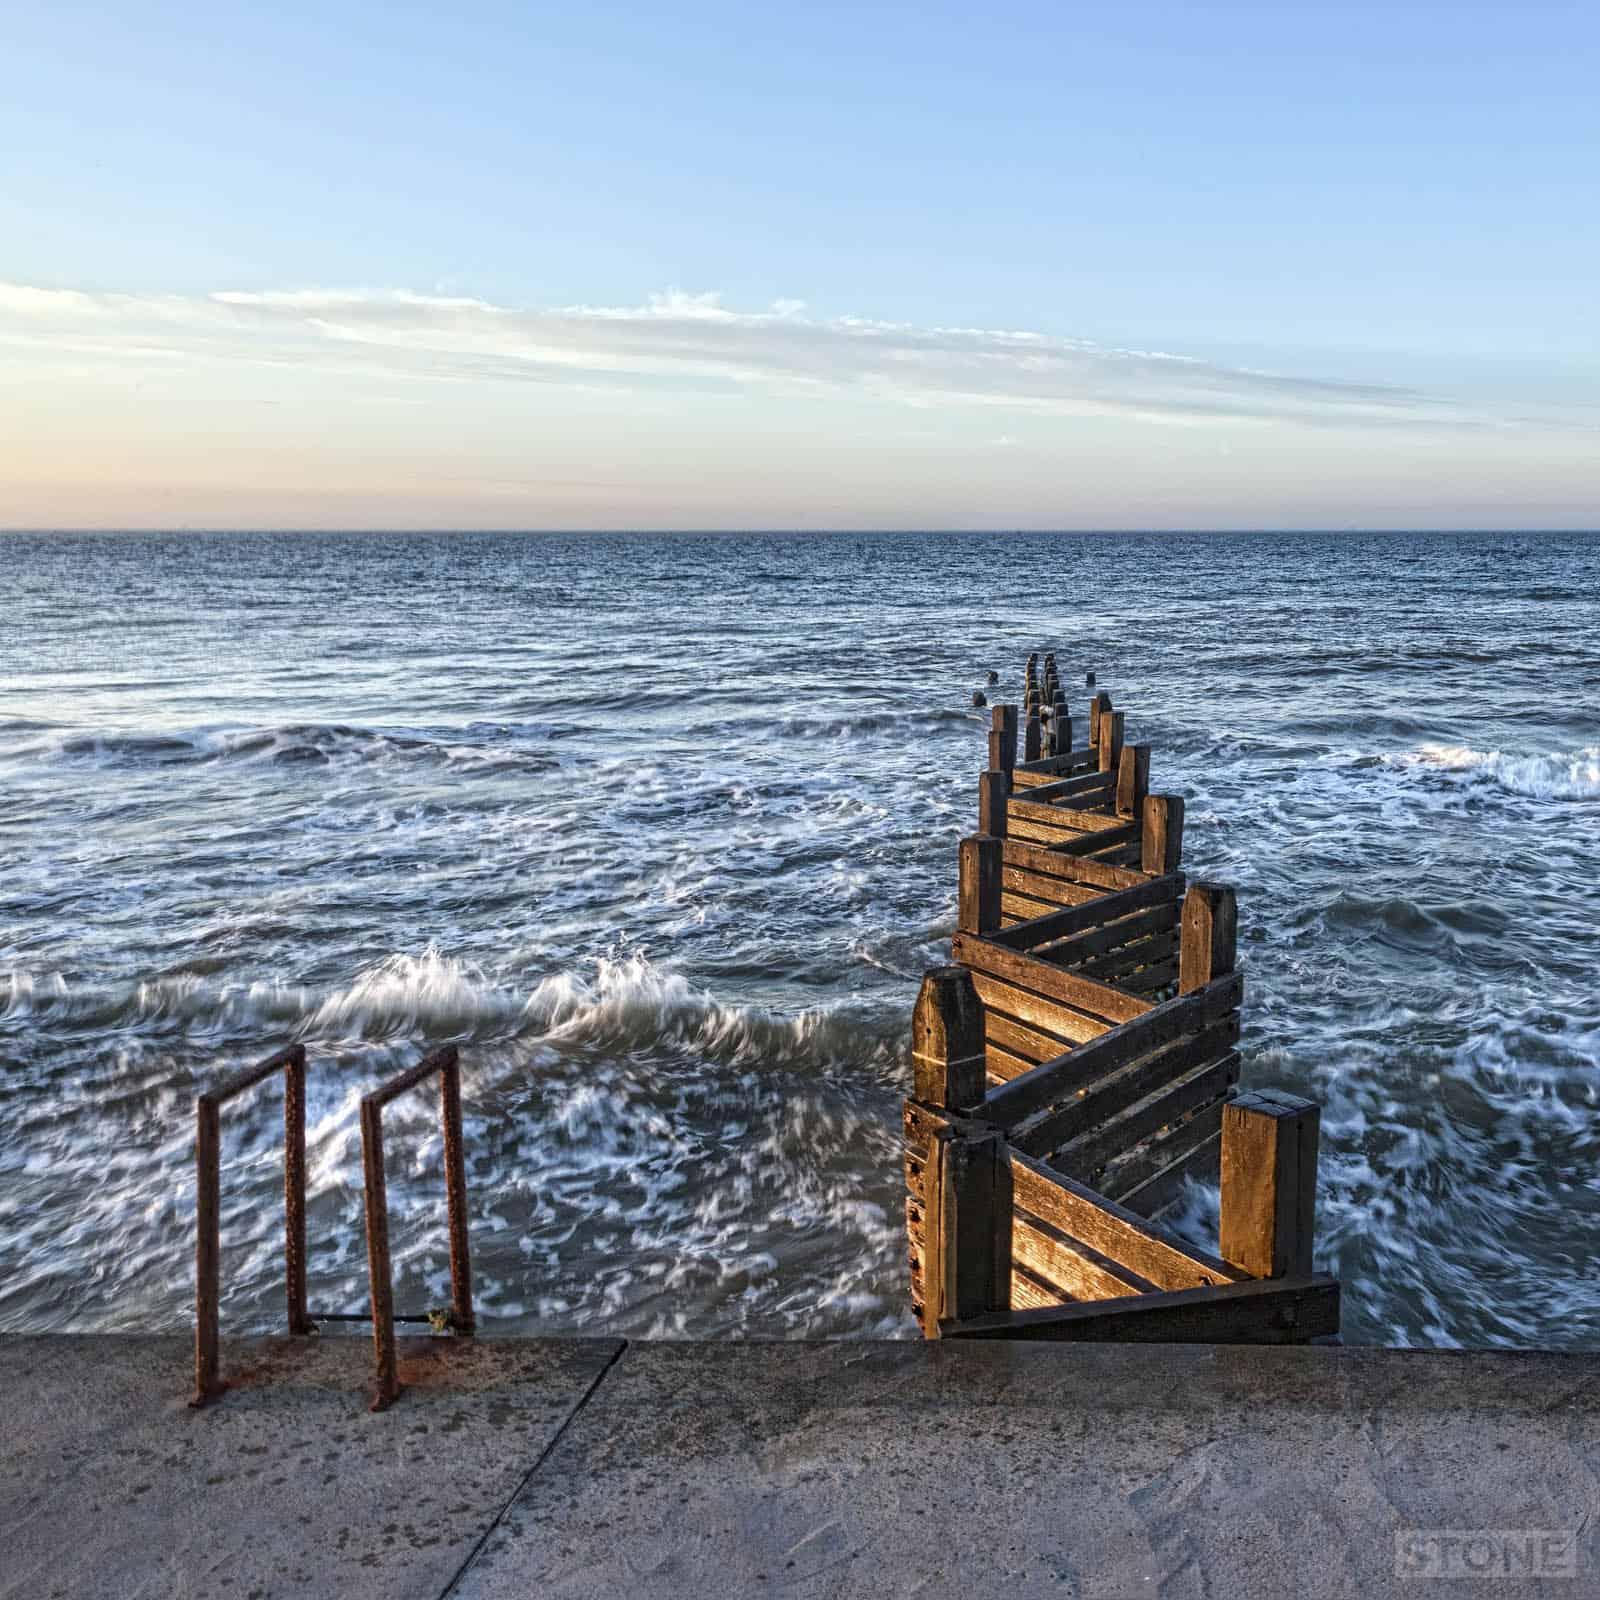 © Nick Stone Walcott sea norfolk defences erosion 1